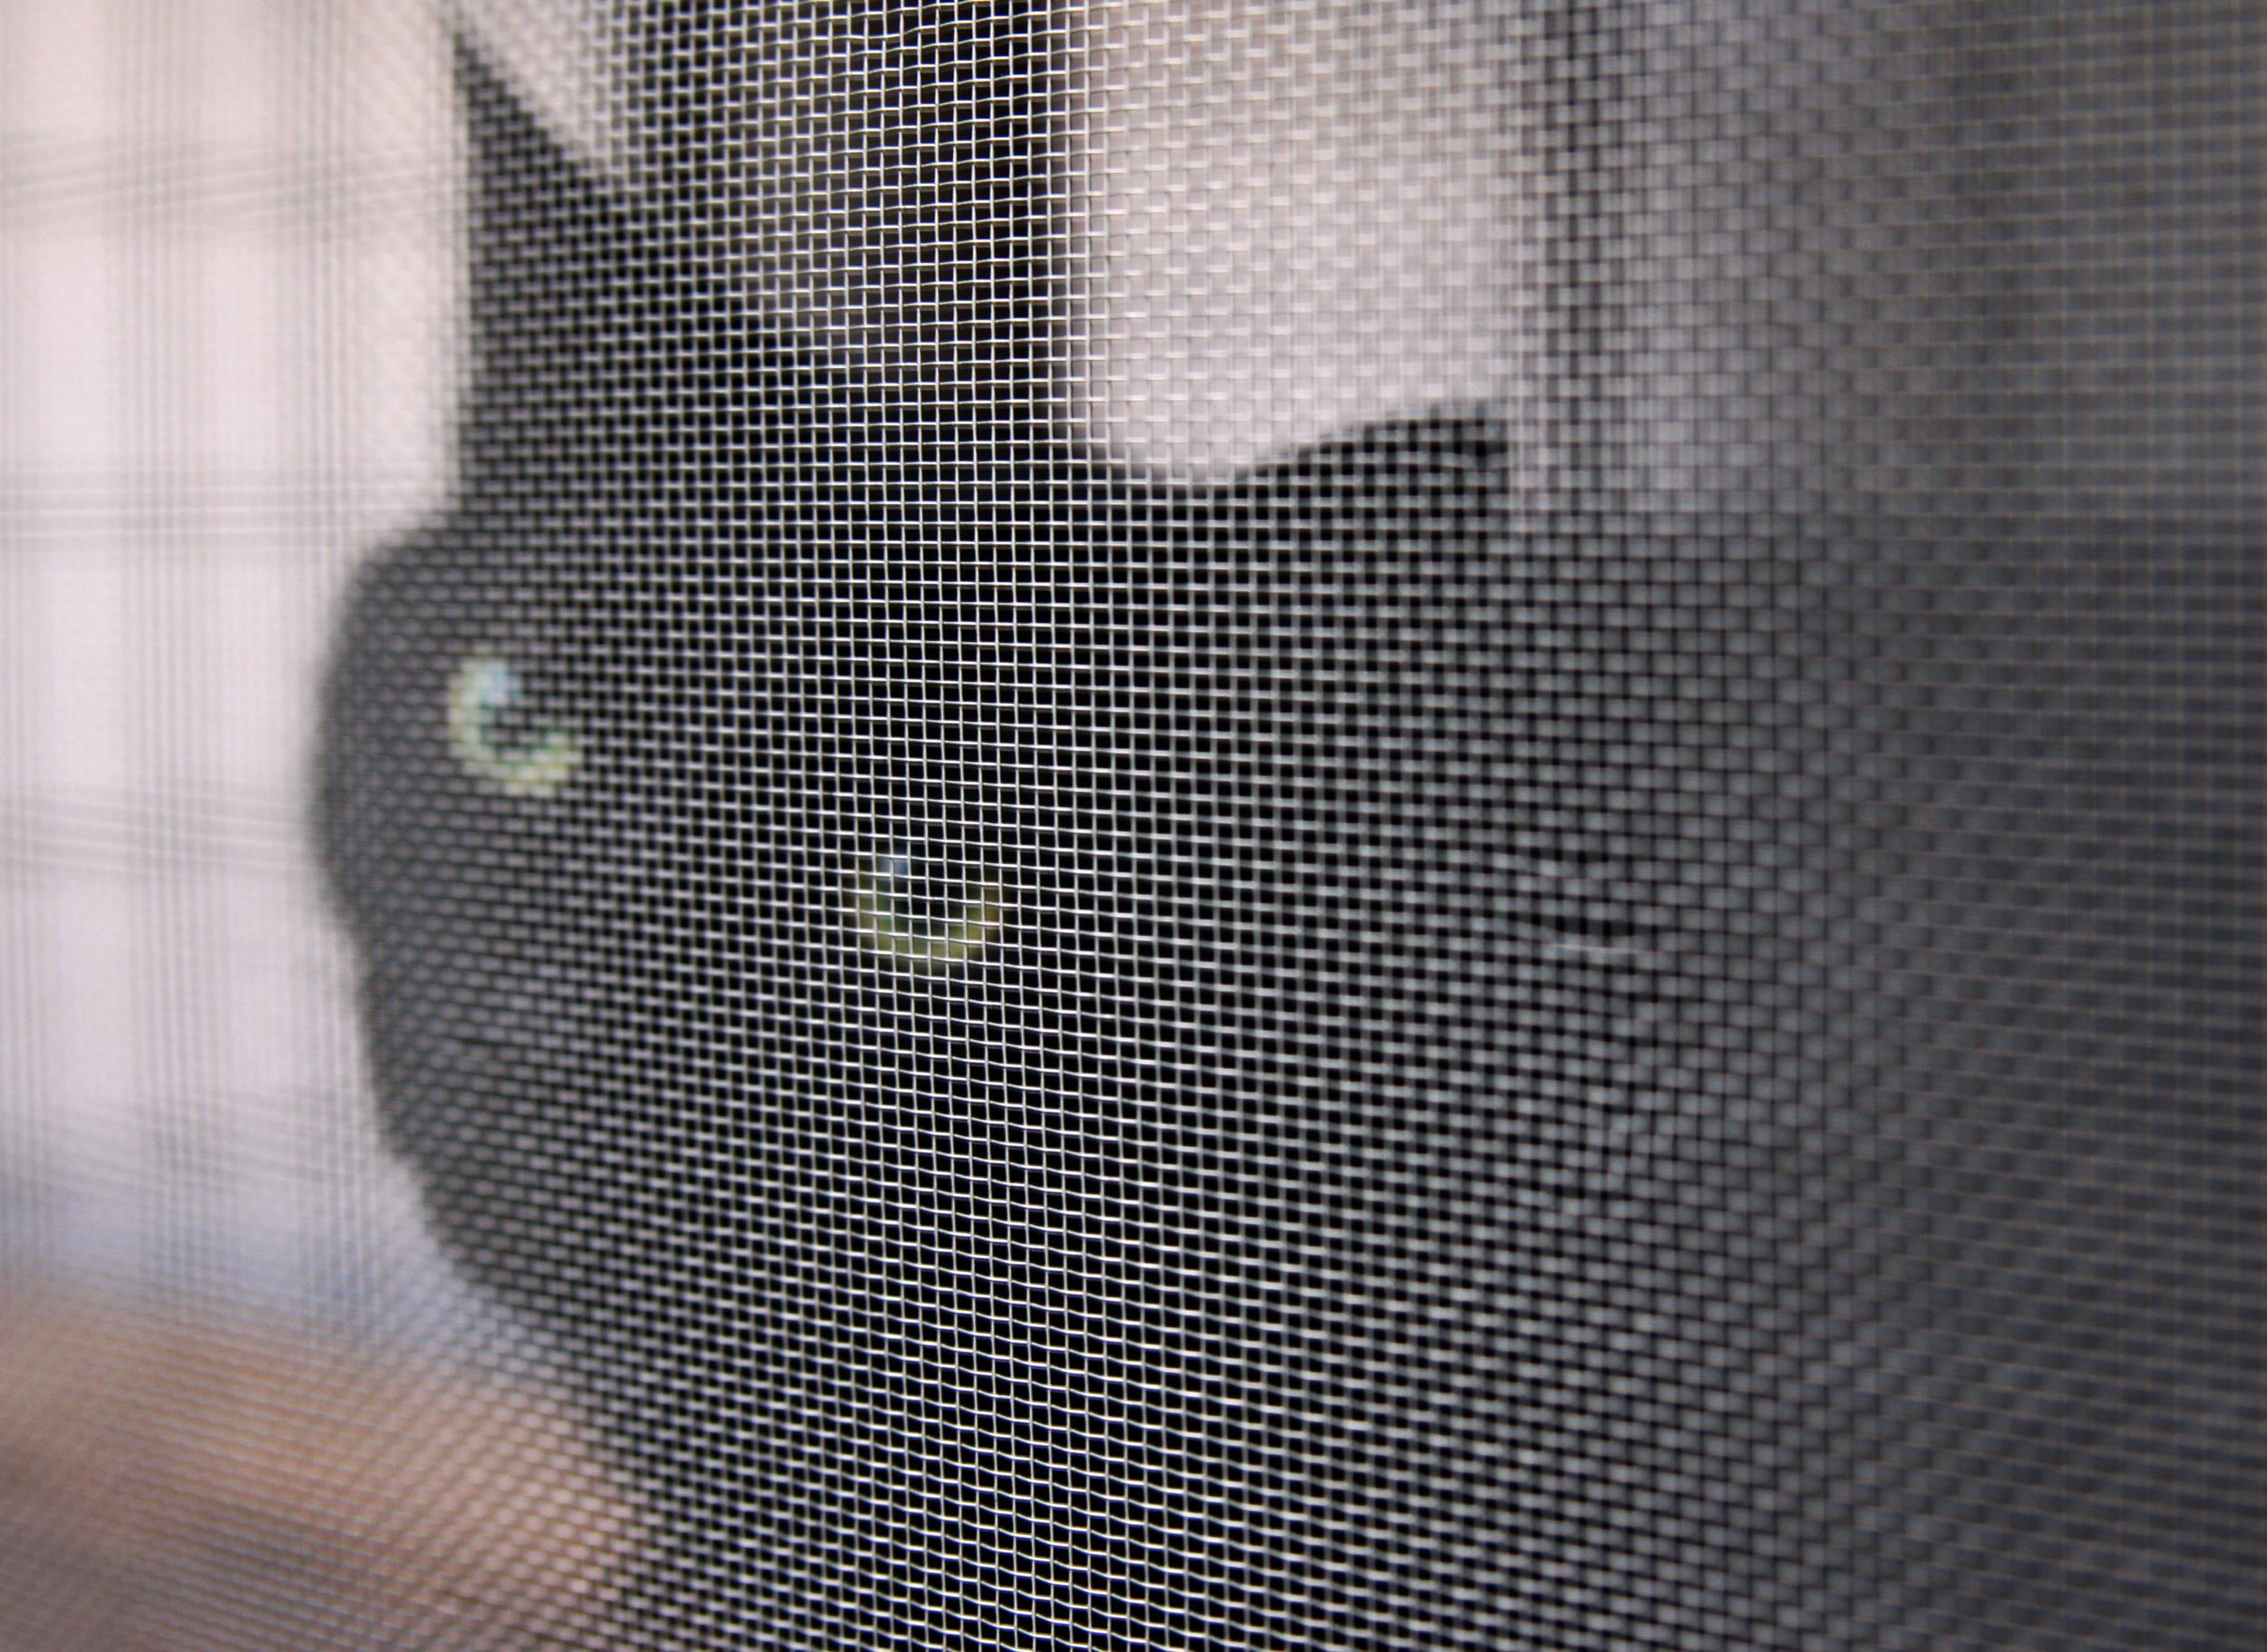 bagheera behind the screen.jpg